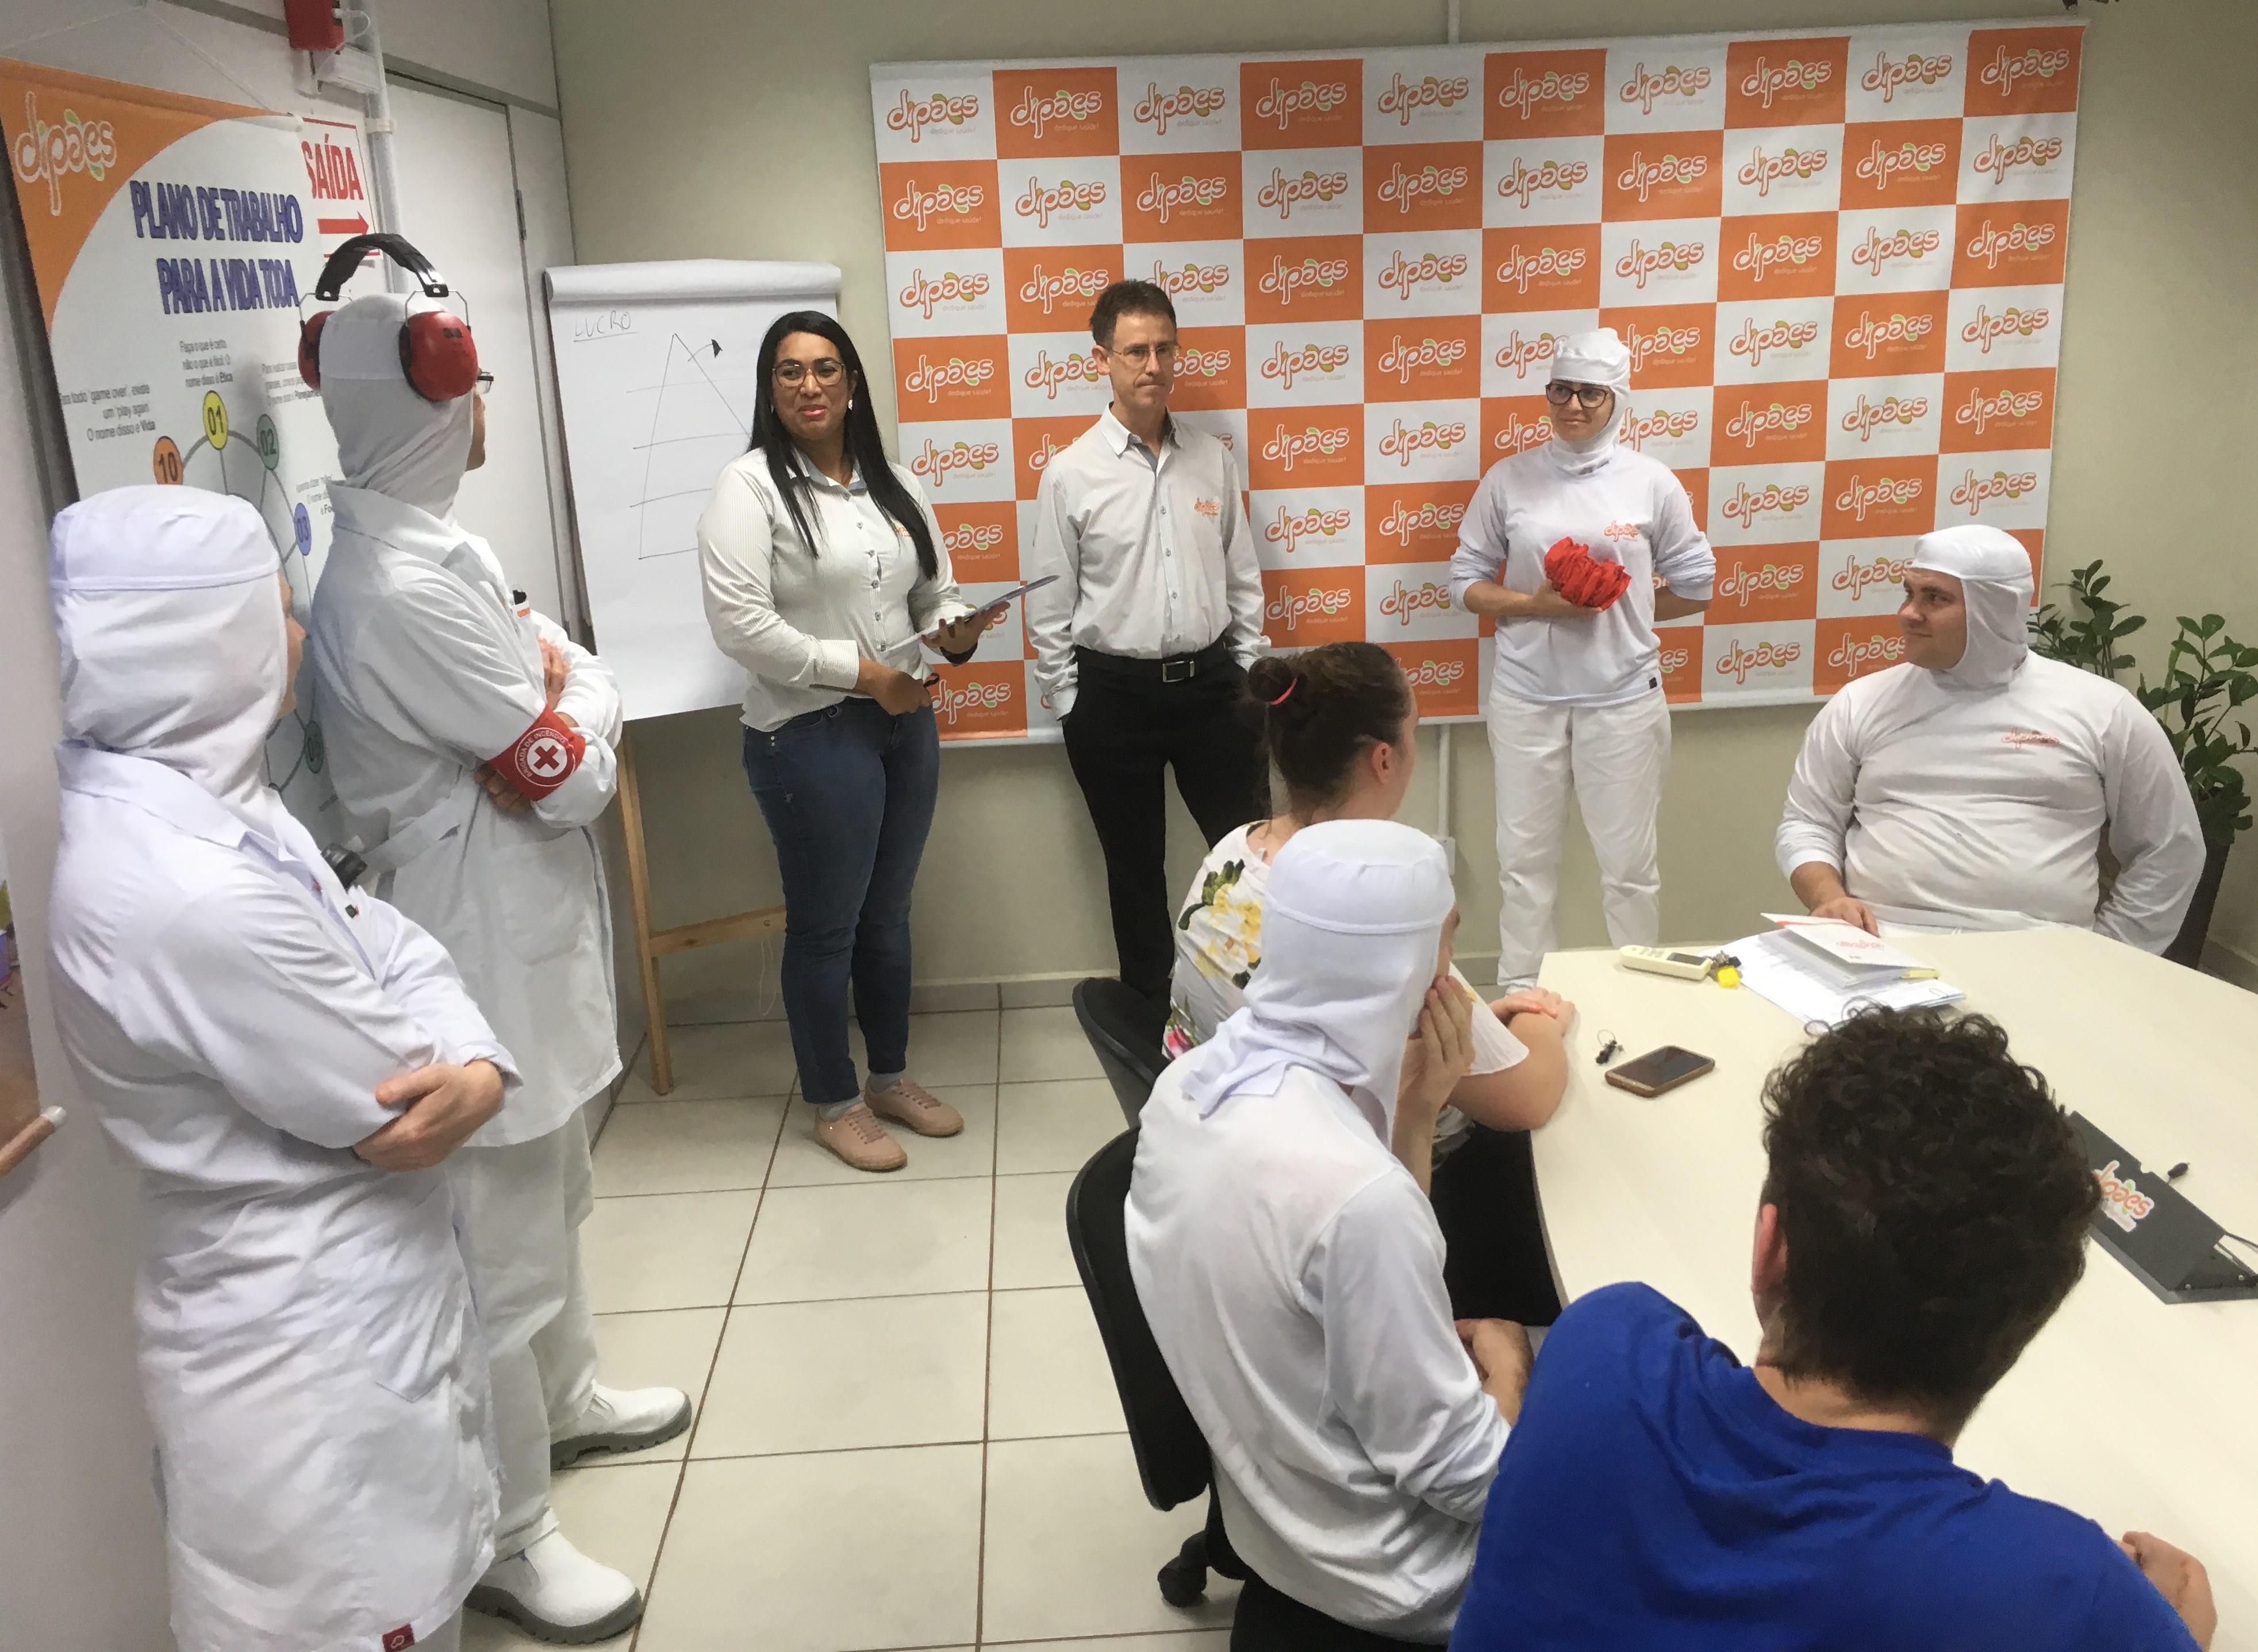 Dipães entrega certificados e braçadeiras de Brigadistas de Emergência aos colaboradores da Indústri